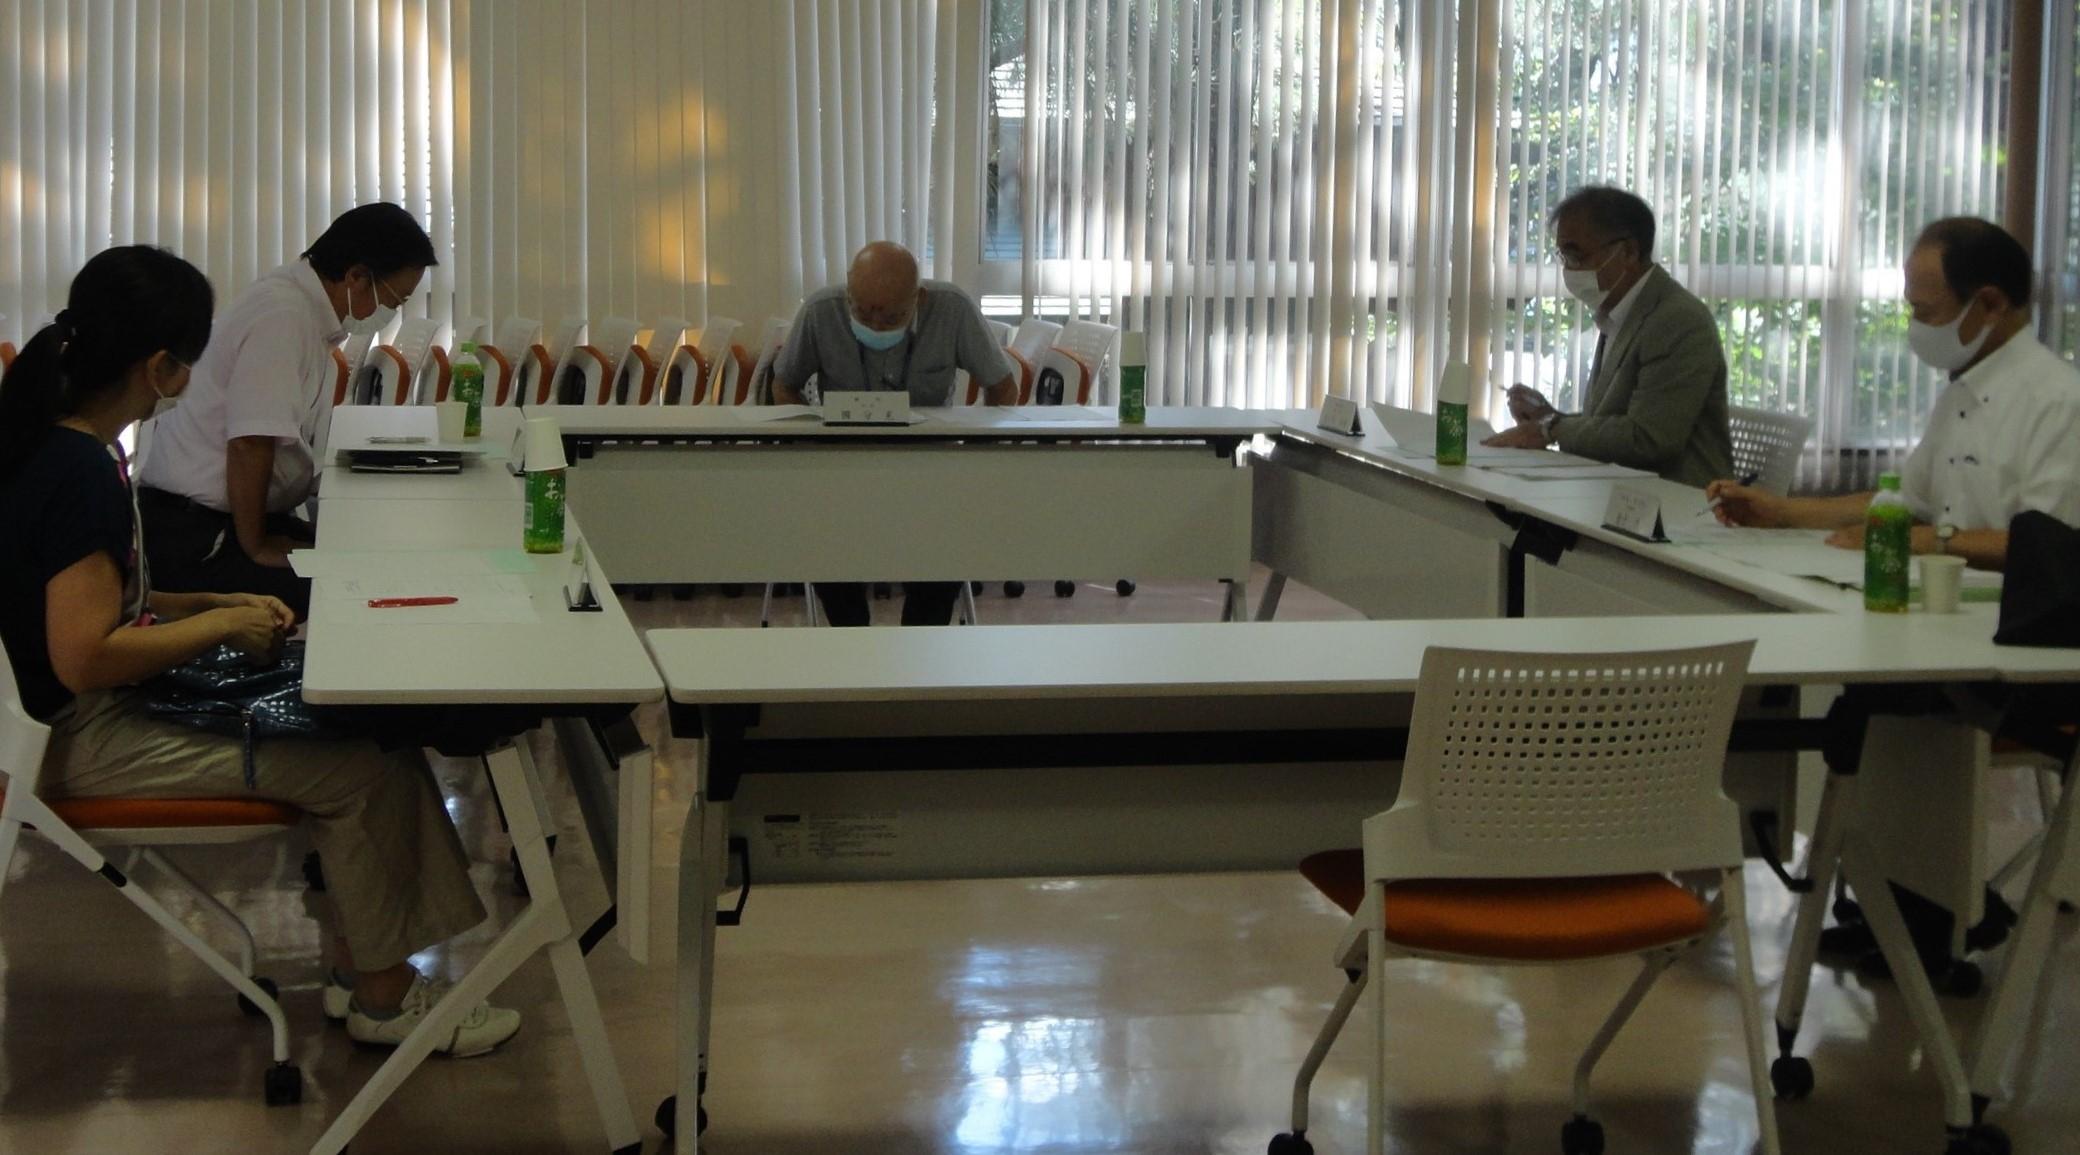 令和2年度「東京学芸大学学生後援会特別事業企画委員会」が開催されました。